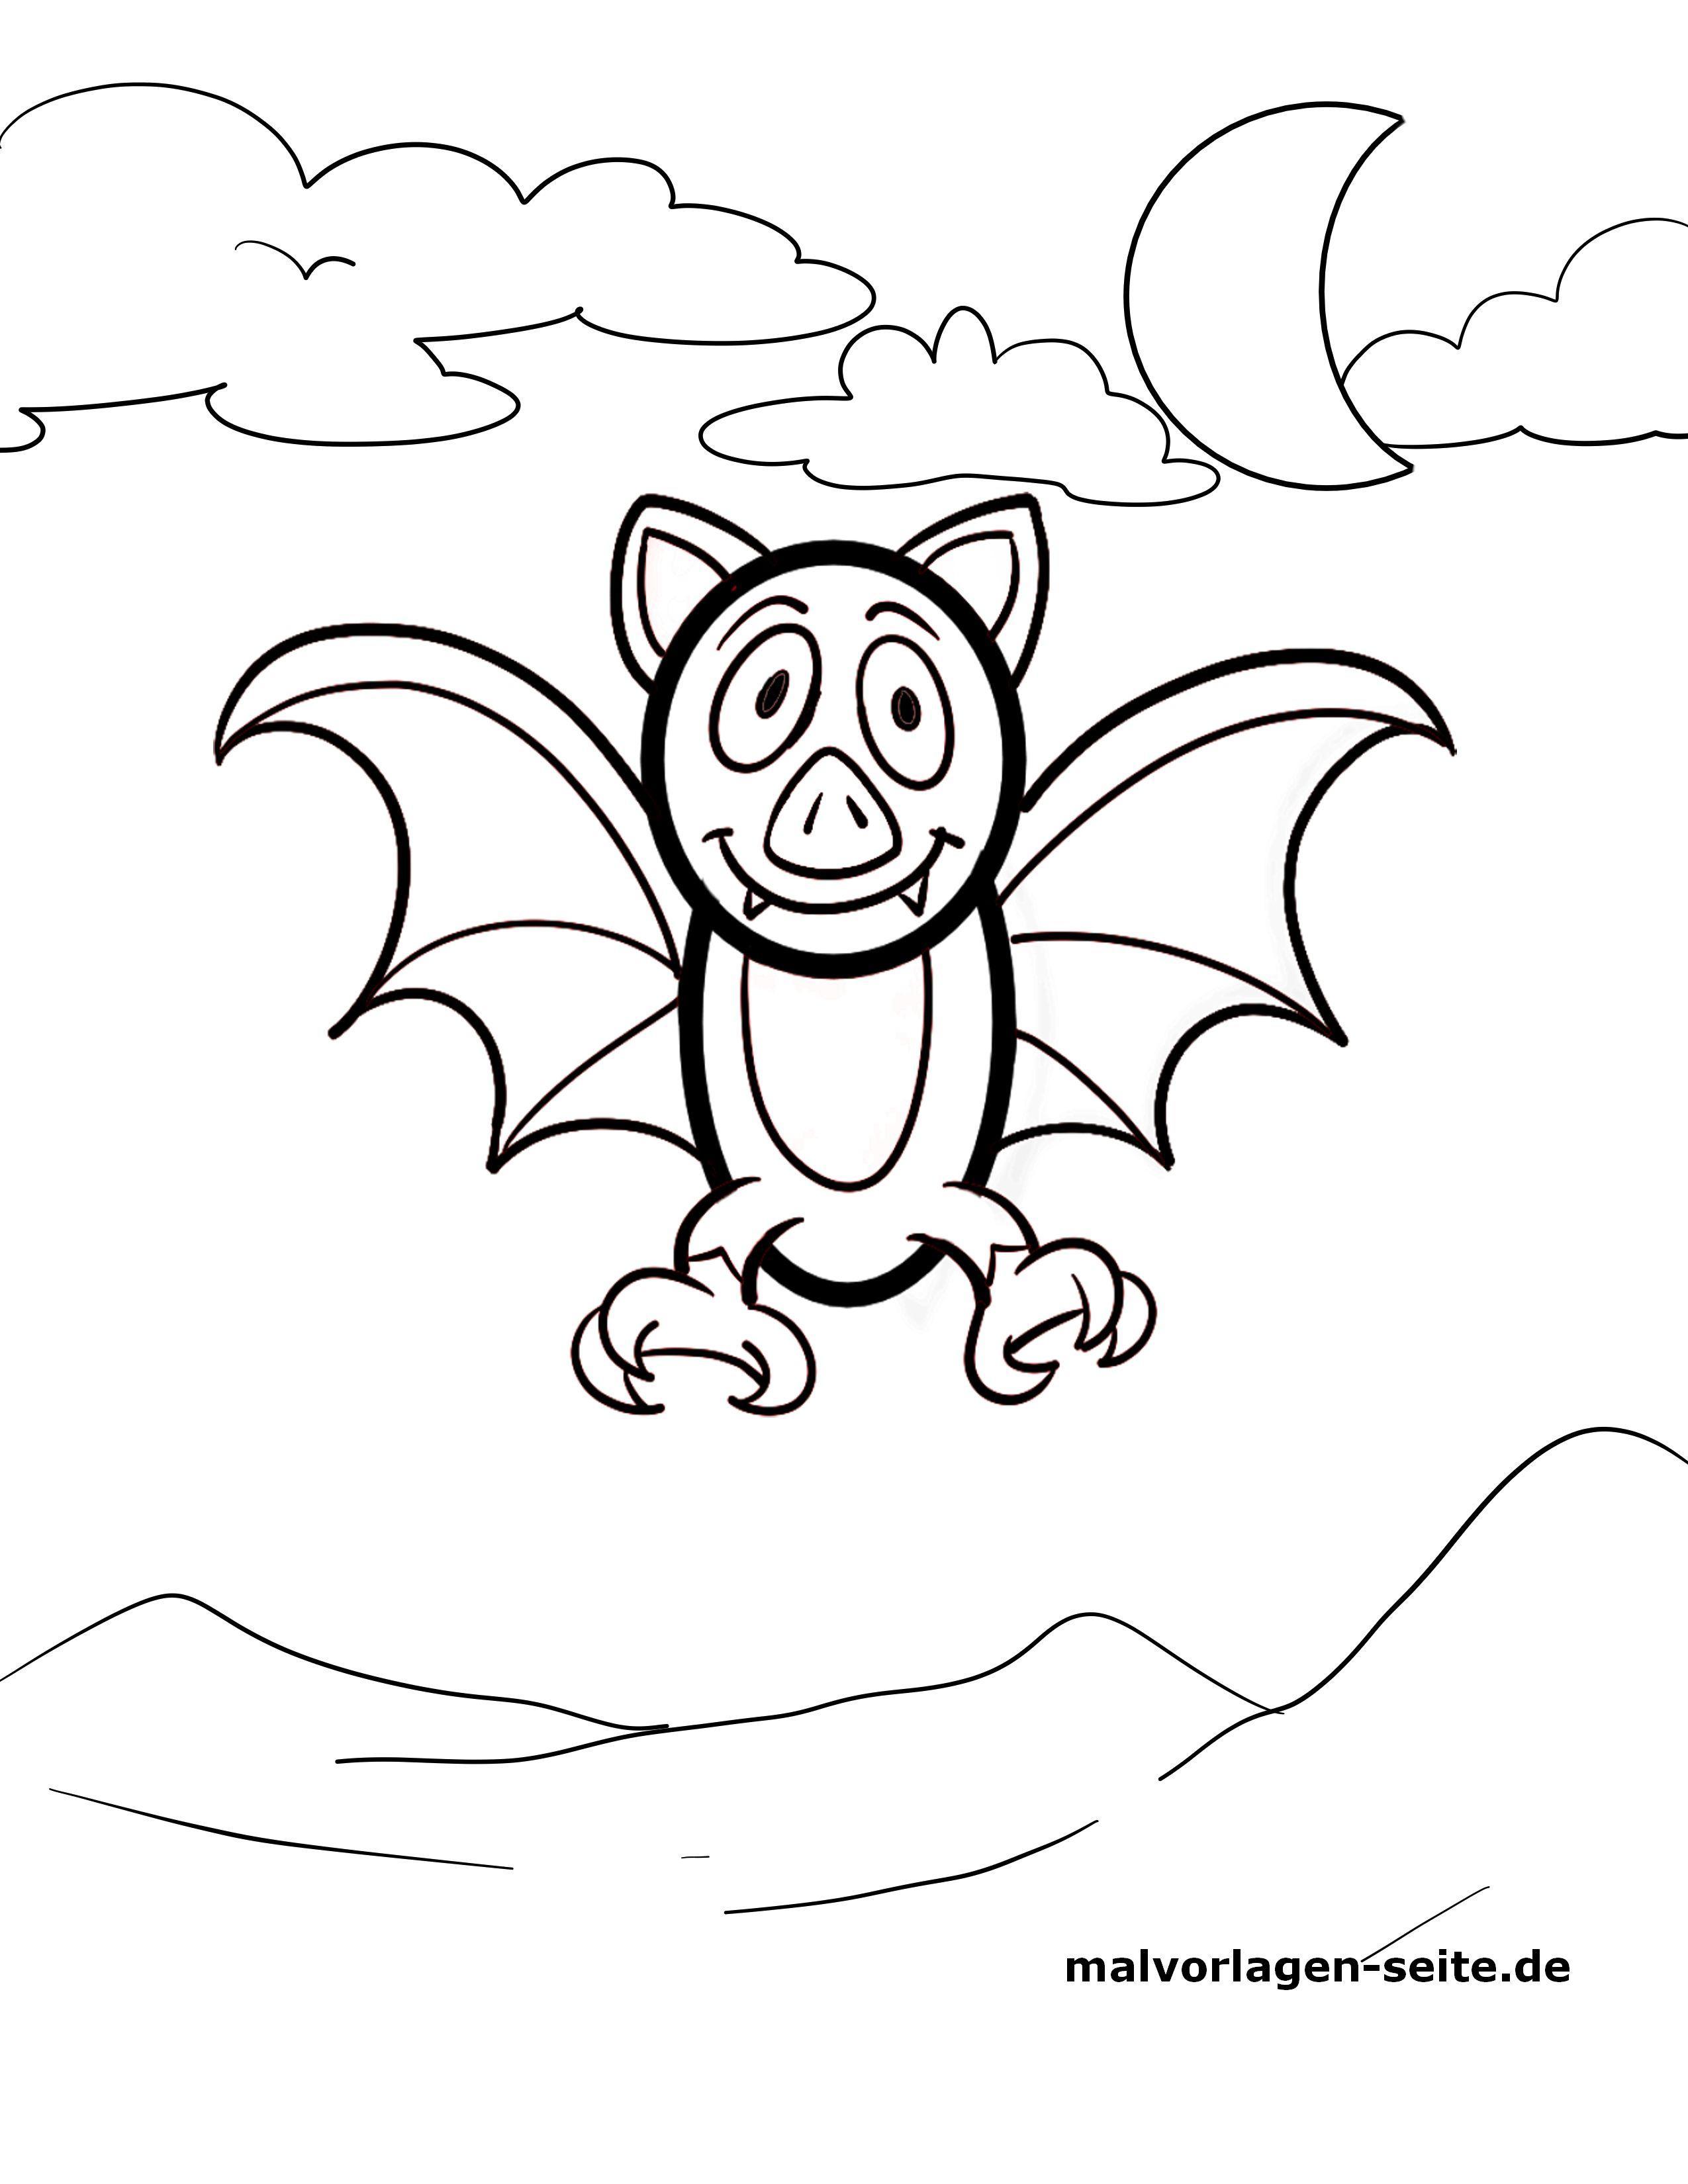 Malvorlage kleine Kinder - Fledermaus - Kostenlose Ausmalbilder